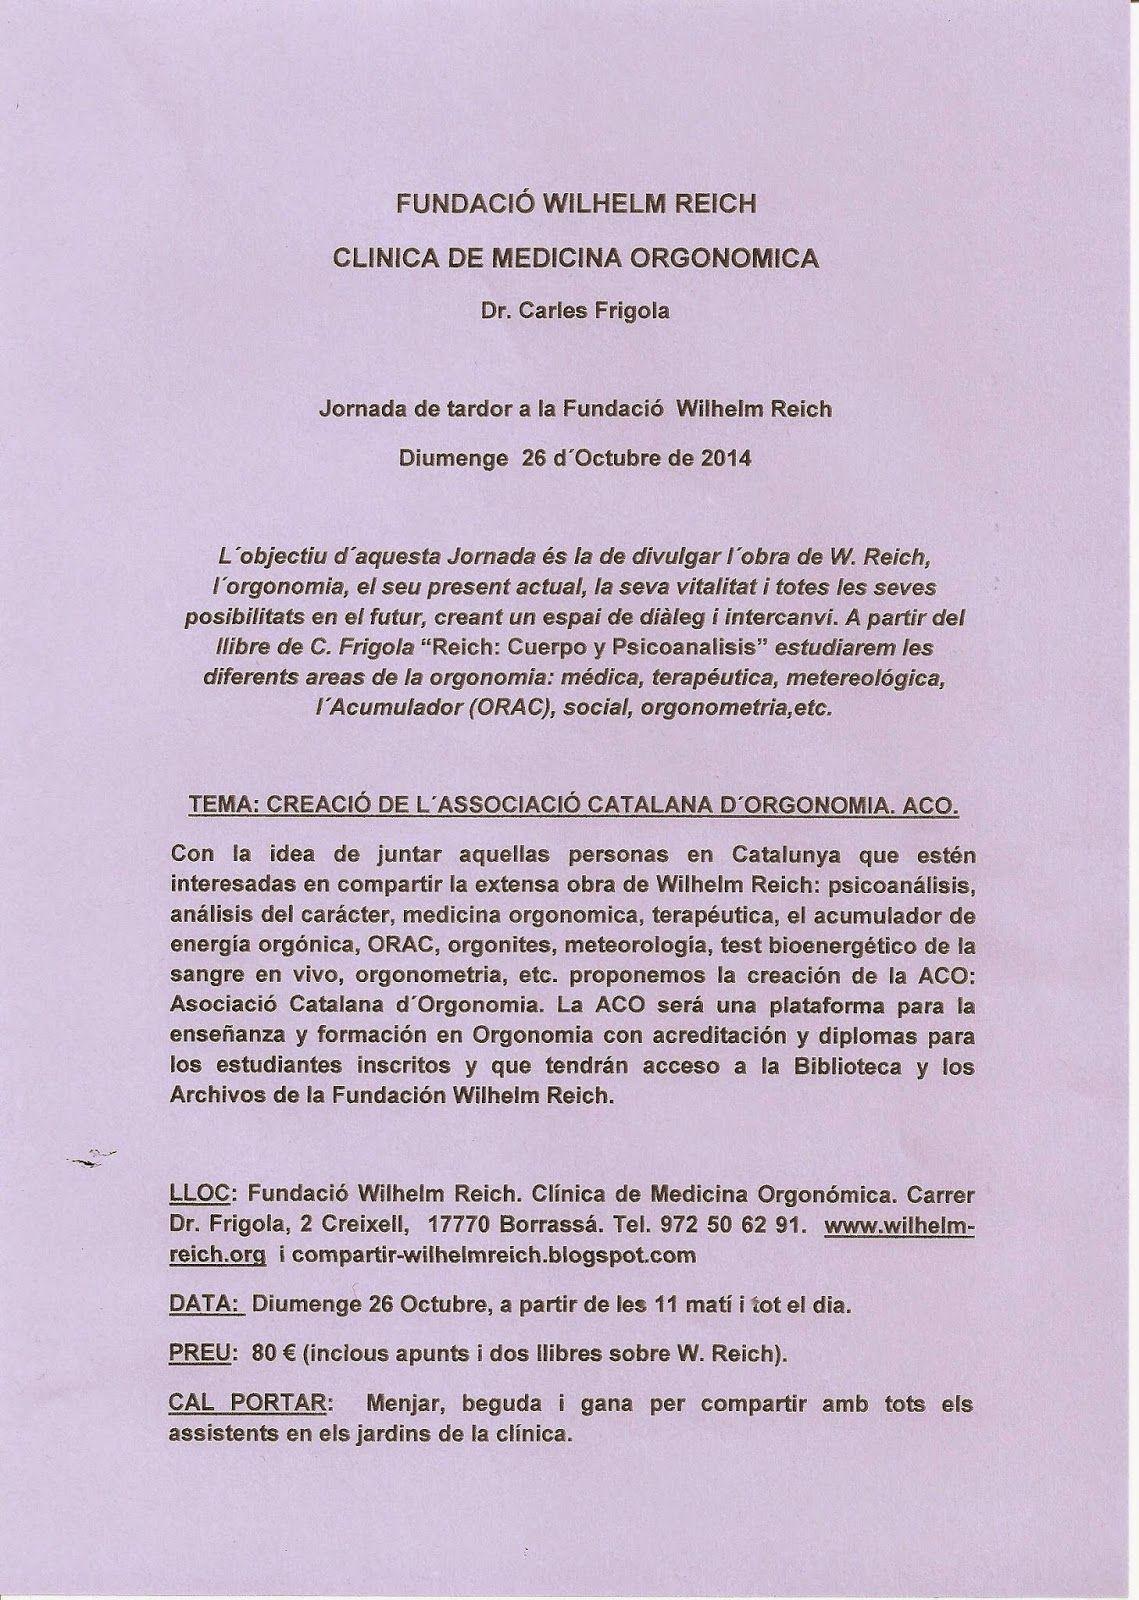 Compartir-WilhelmReich: JORNADA DE OTOÑO 2014